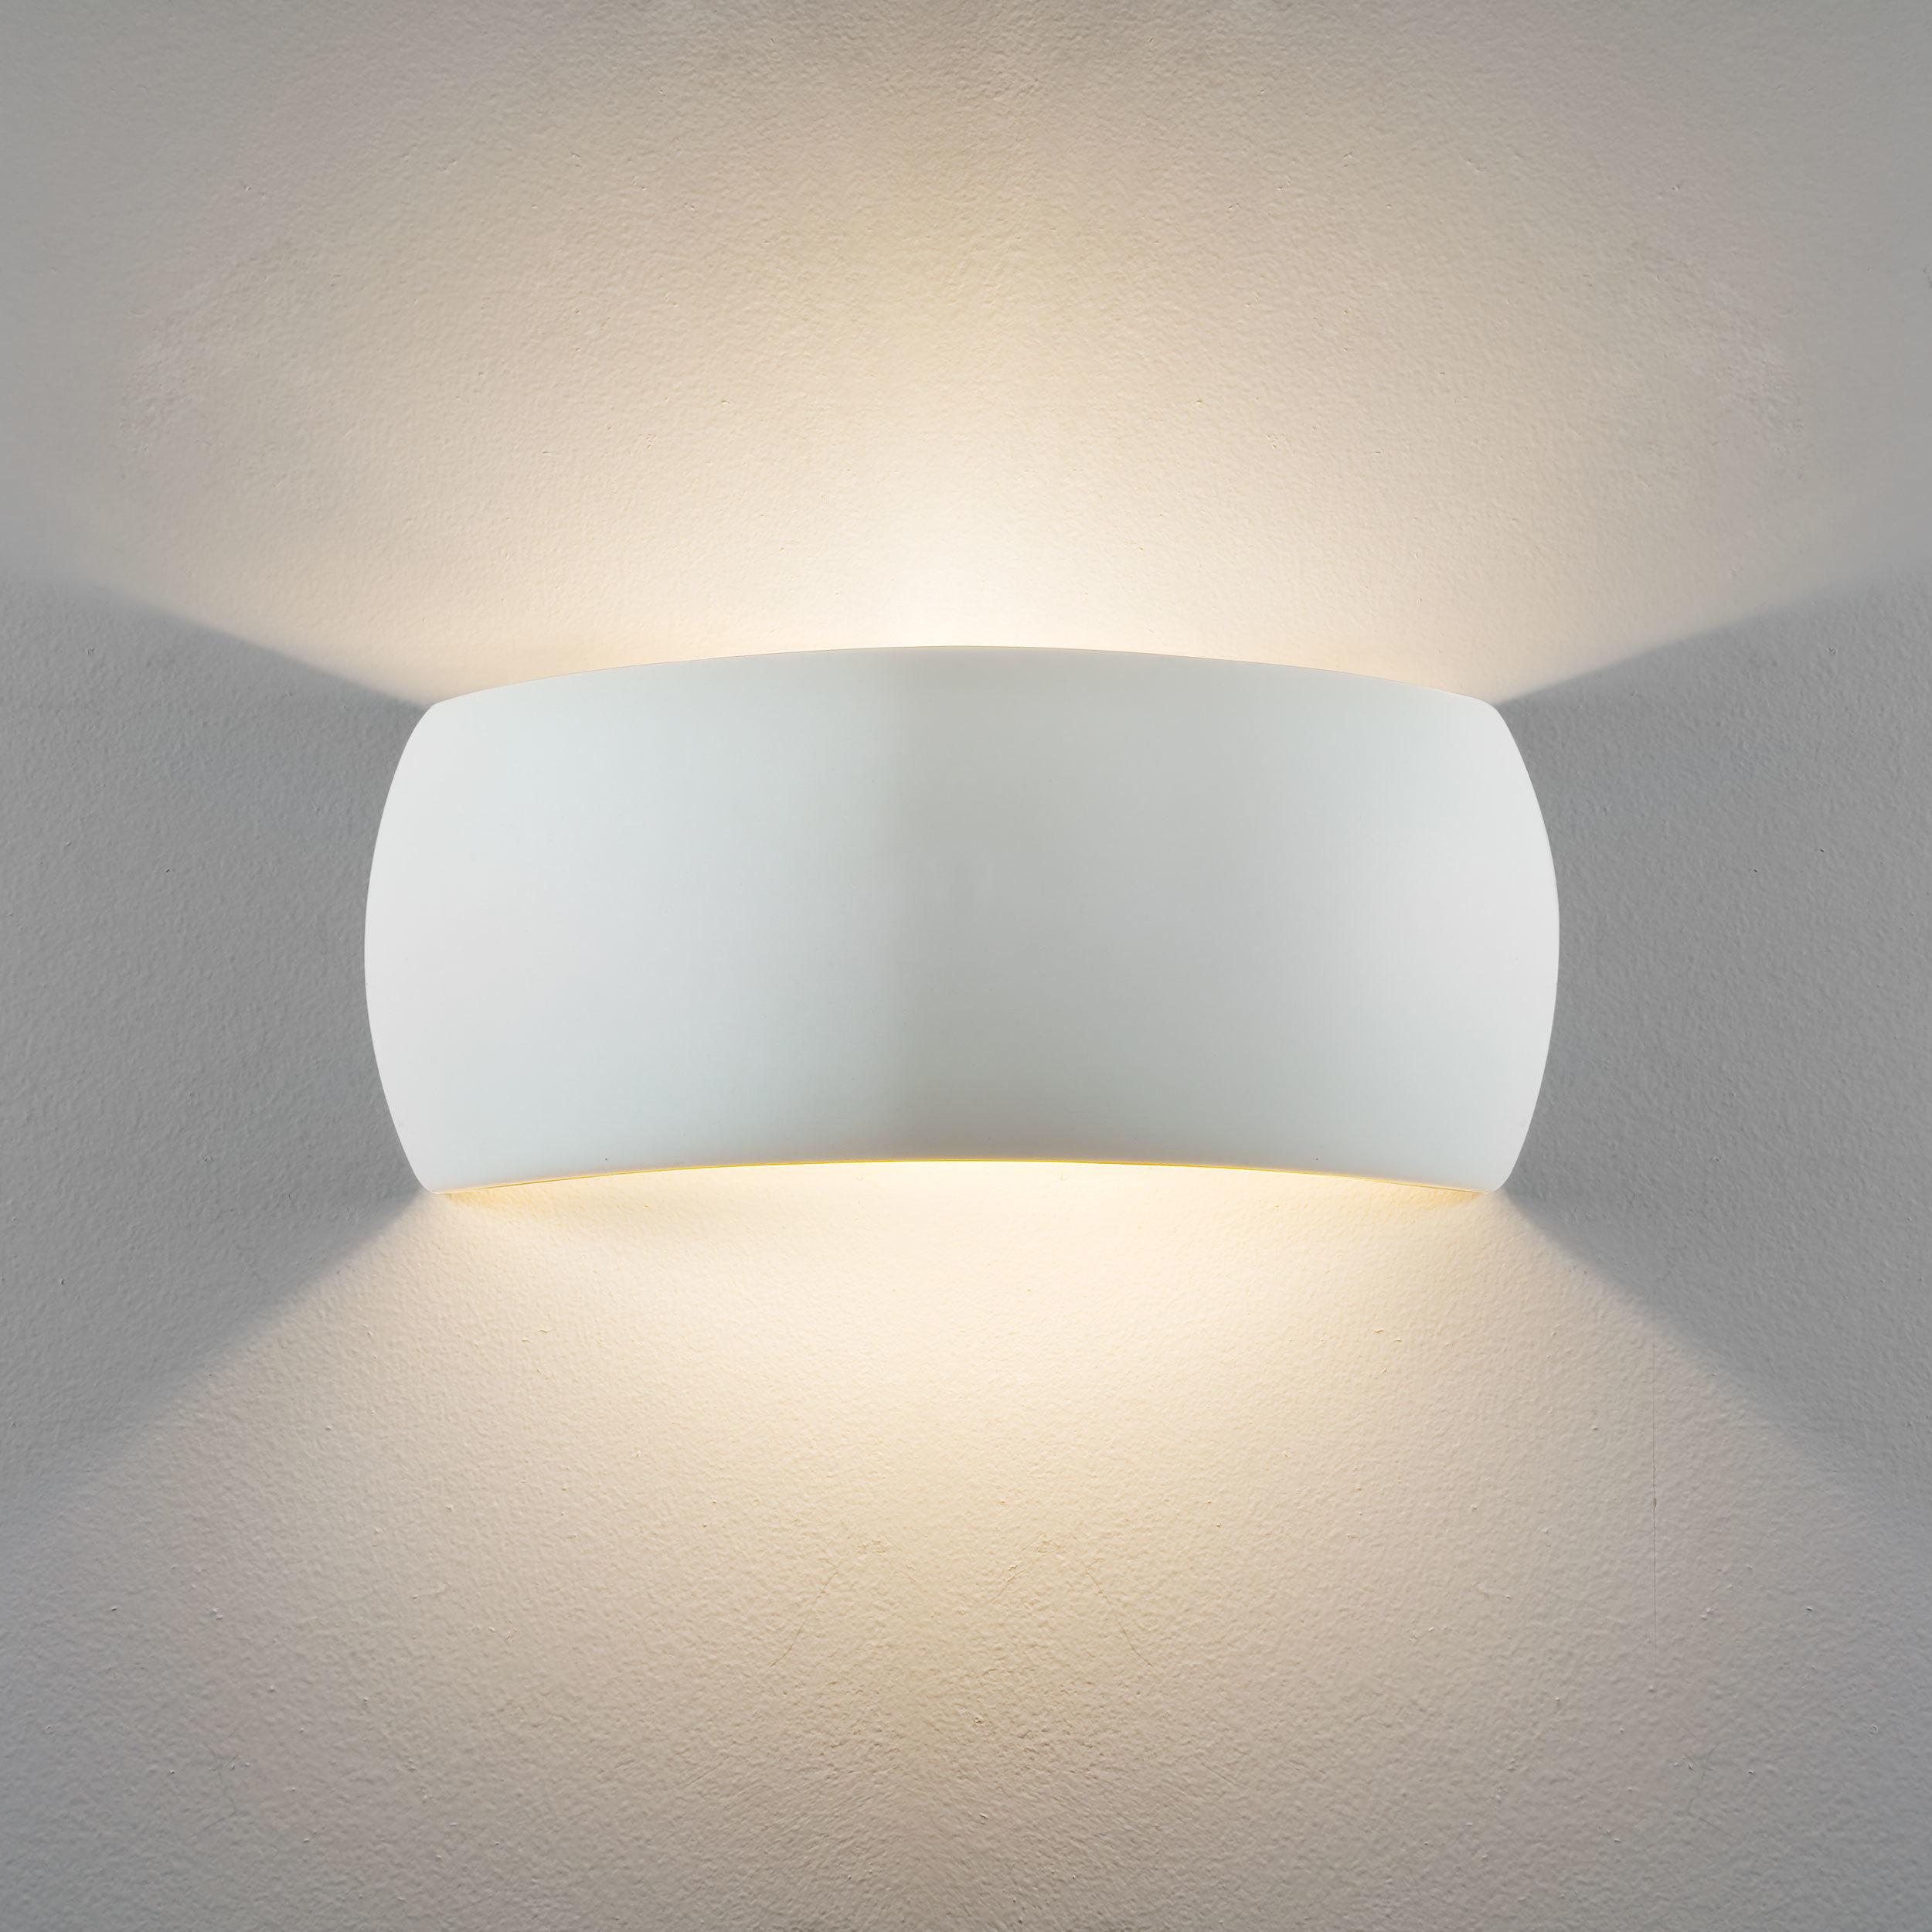 Настенный светильник Astro Milo 1299001 (7073), 1xE27x60W, белый, под покраску, керамика - фото 2